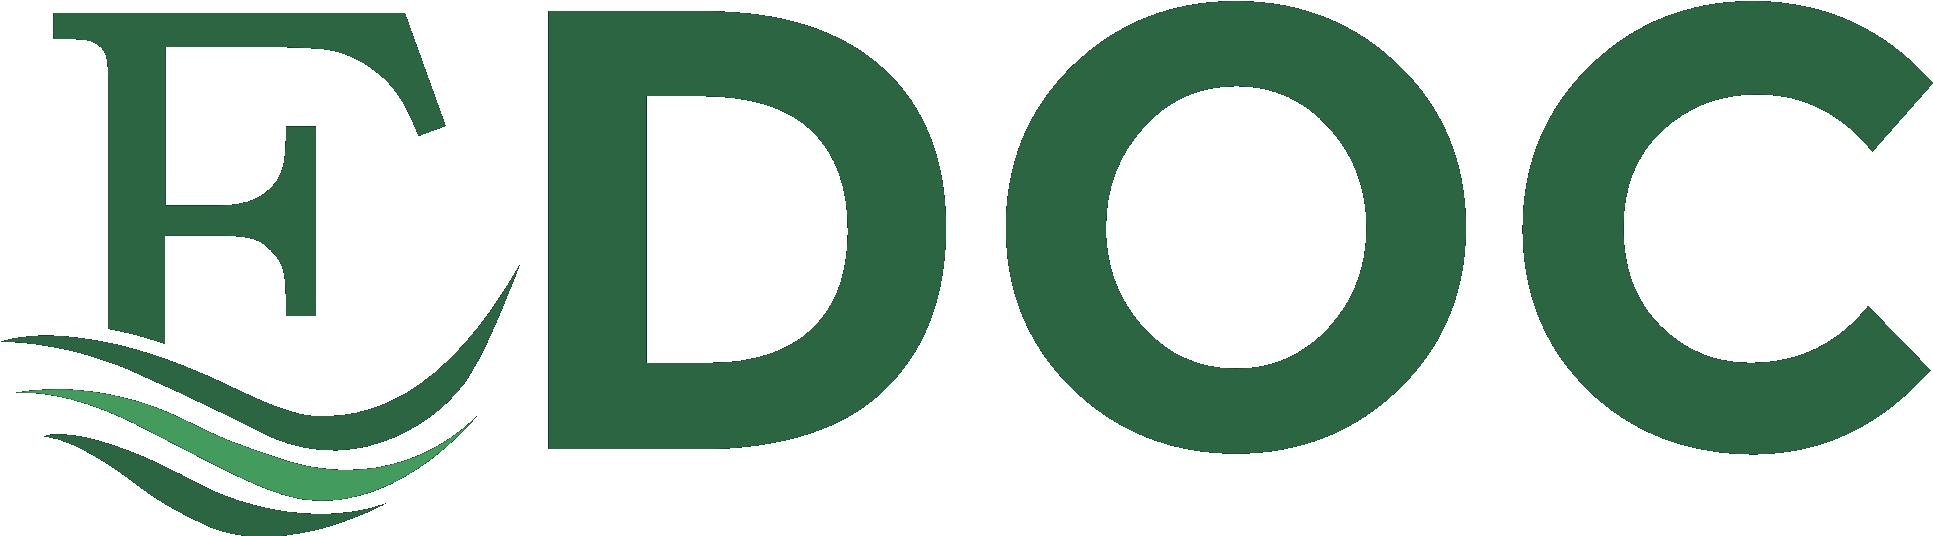 nicergoline látás 70 százalékos látás egy szemben